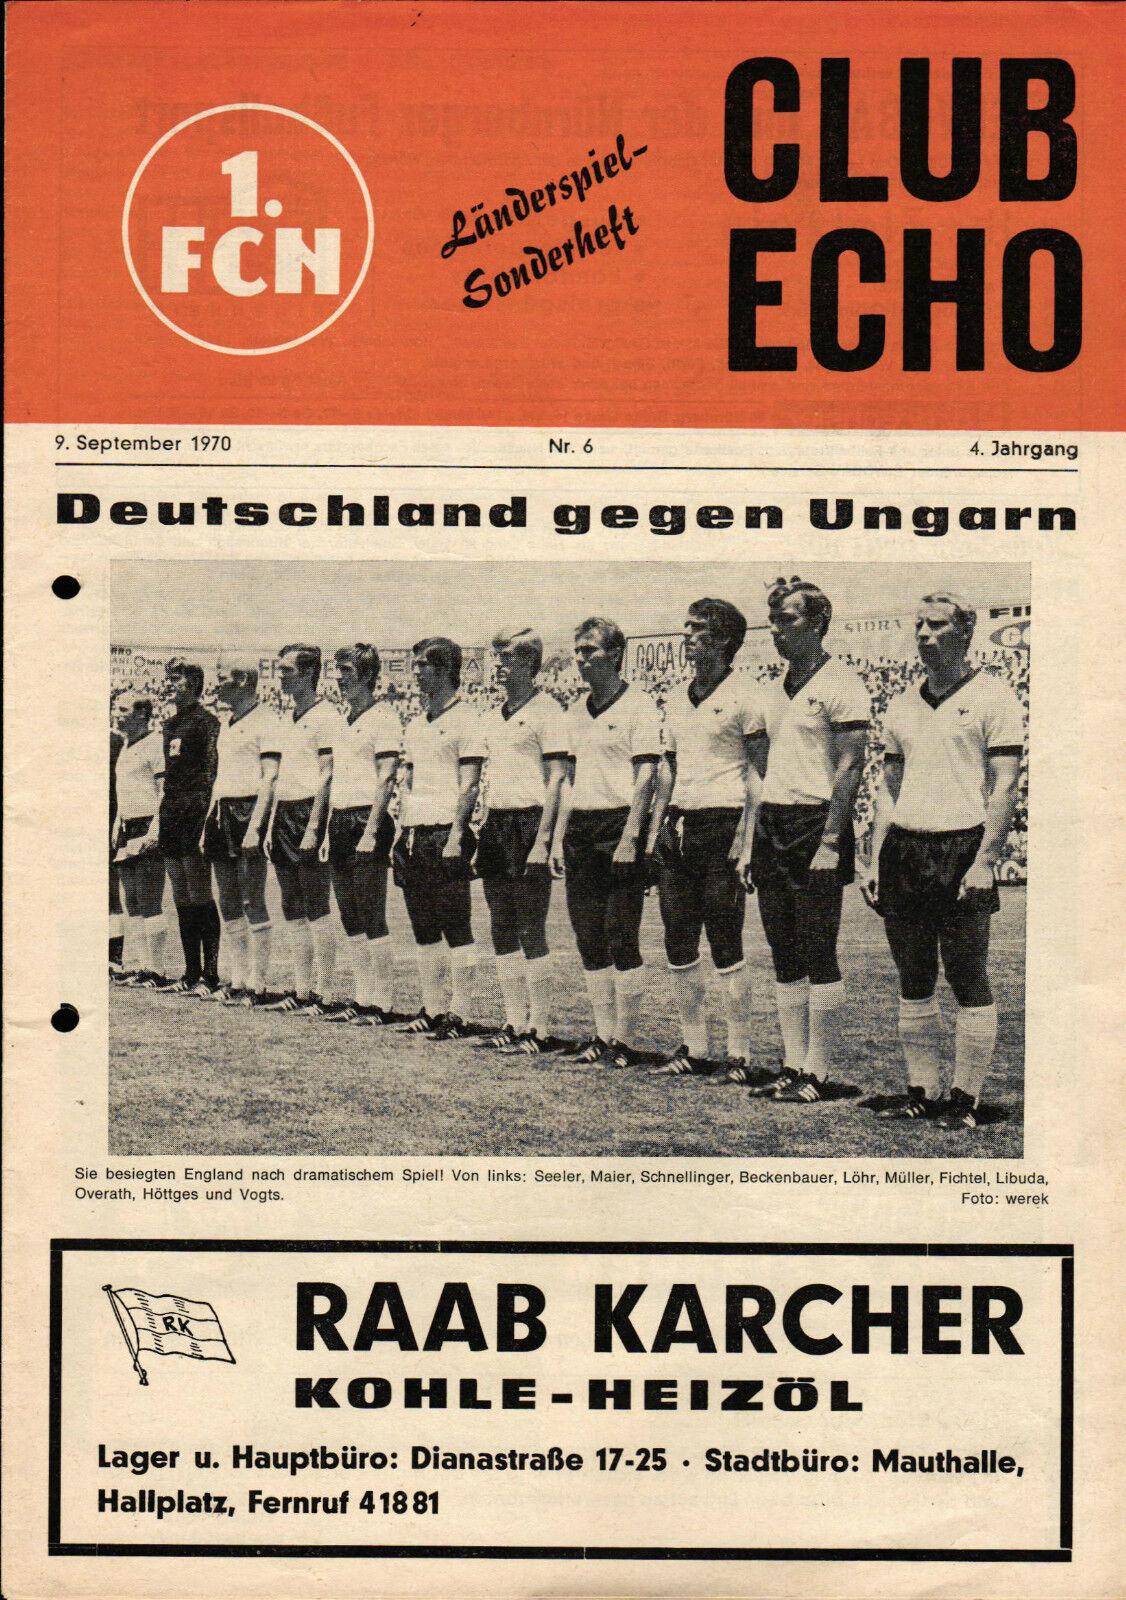 Länderspiel 09.09.1970 Deutschland - Ungarn, CLUB ECHO 1. FC Nürnberg